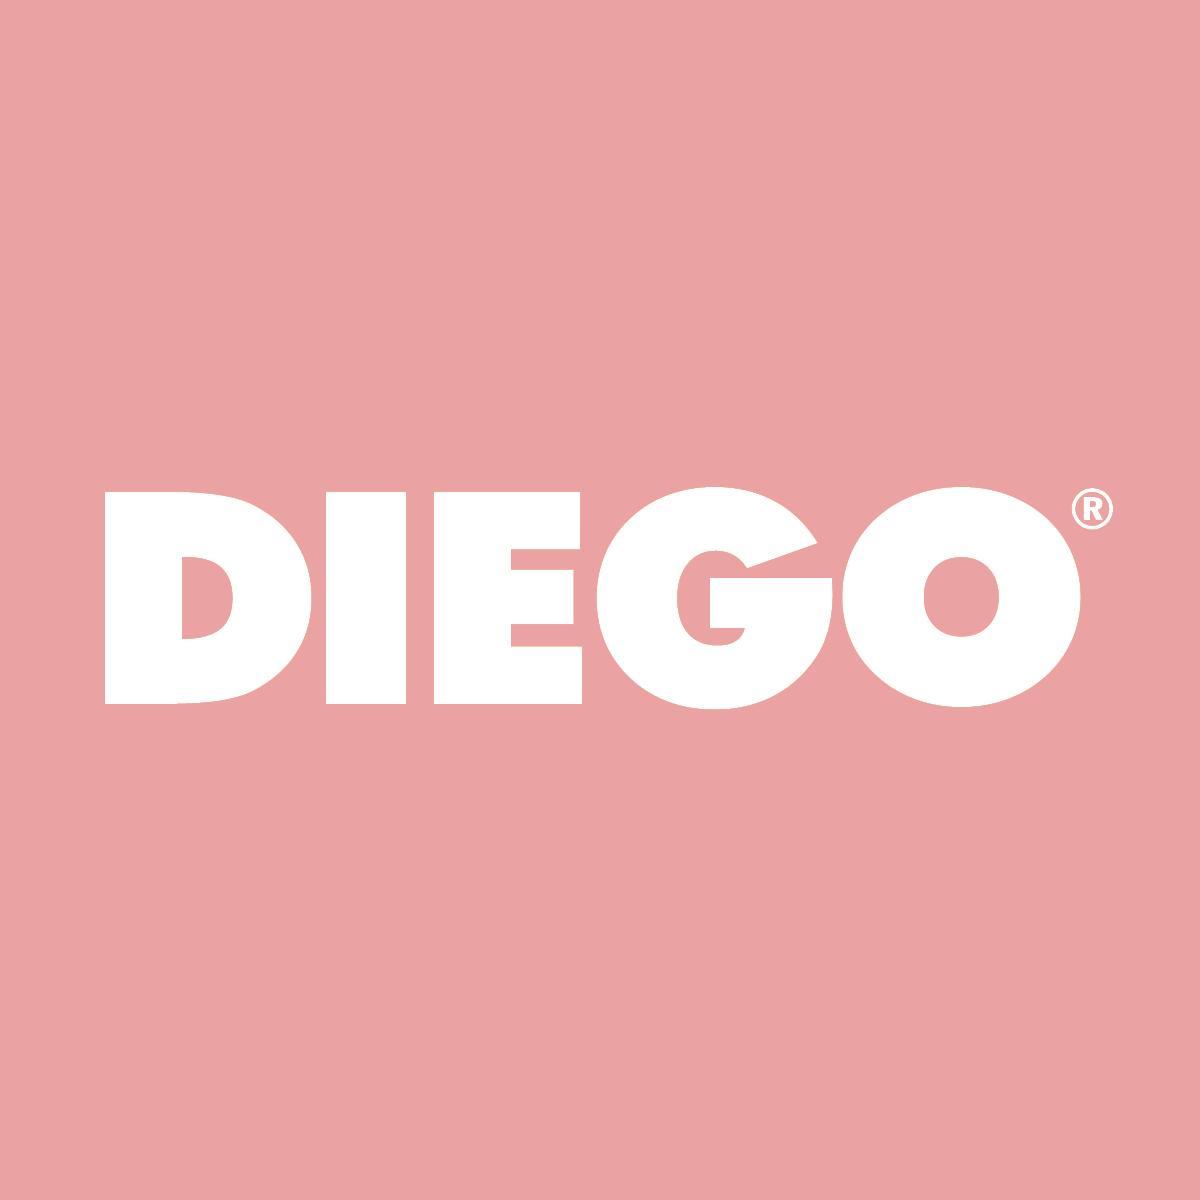 Super Soft szatén behúzó szalagos sötétszürke sötétítő, dekor készfüggöny